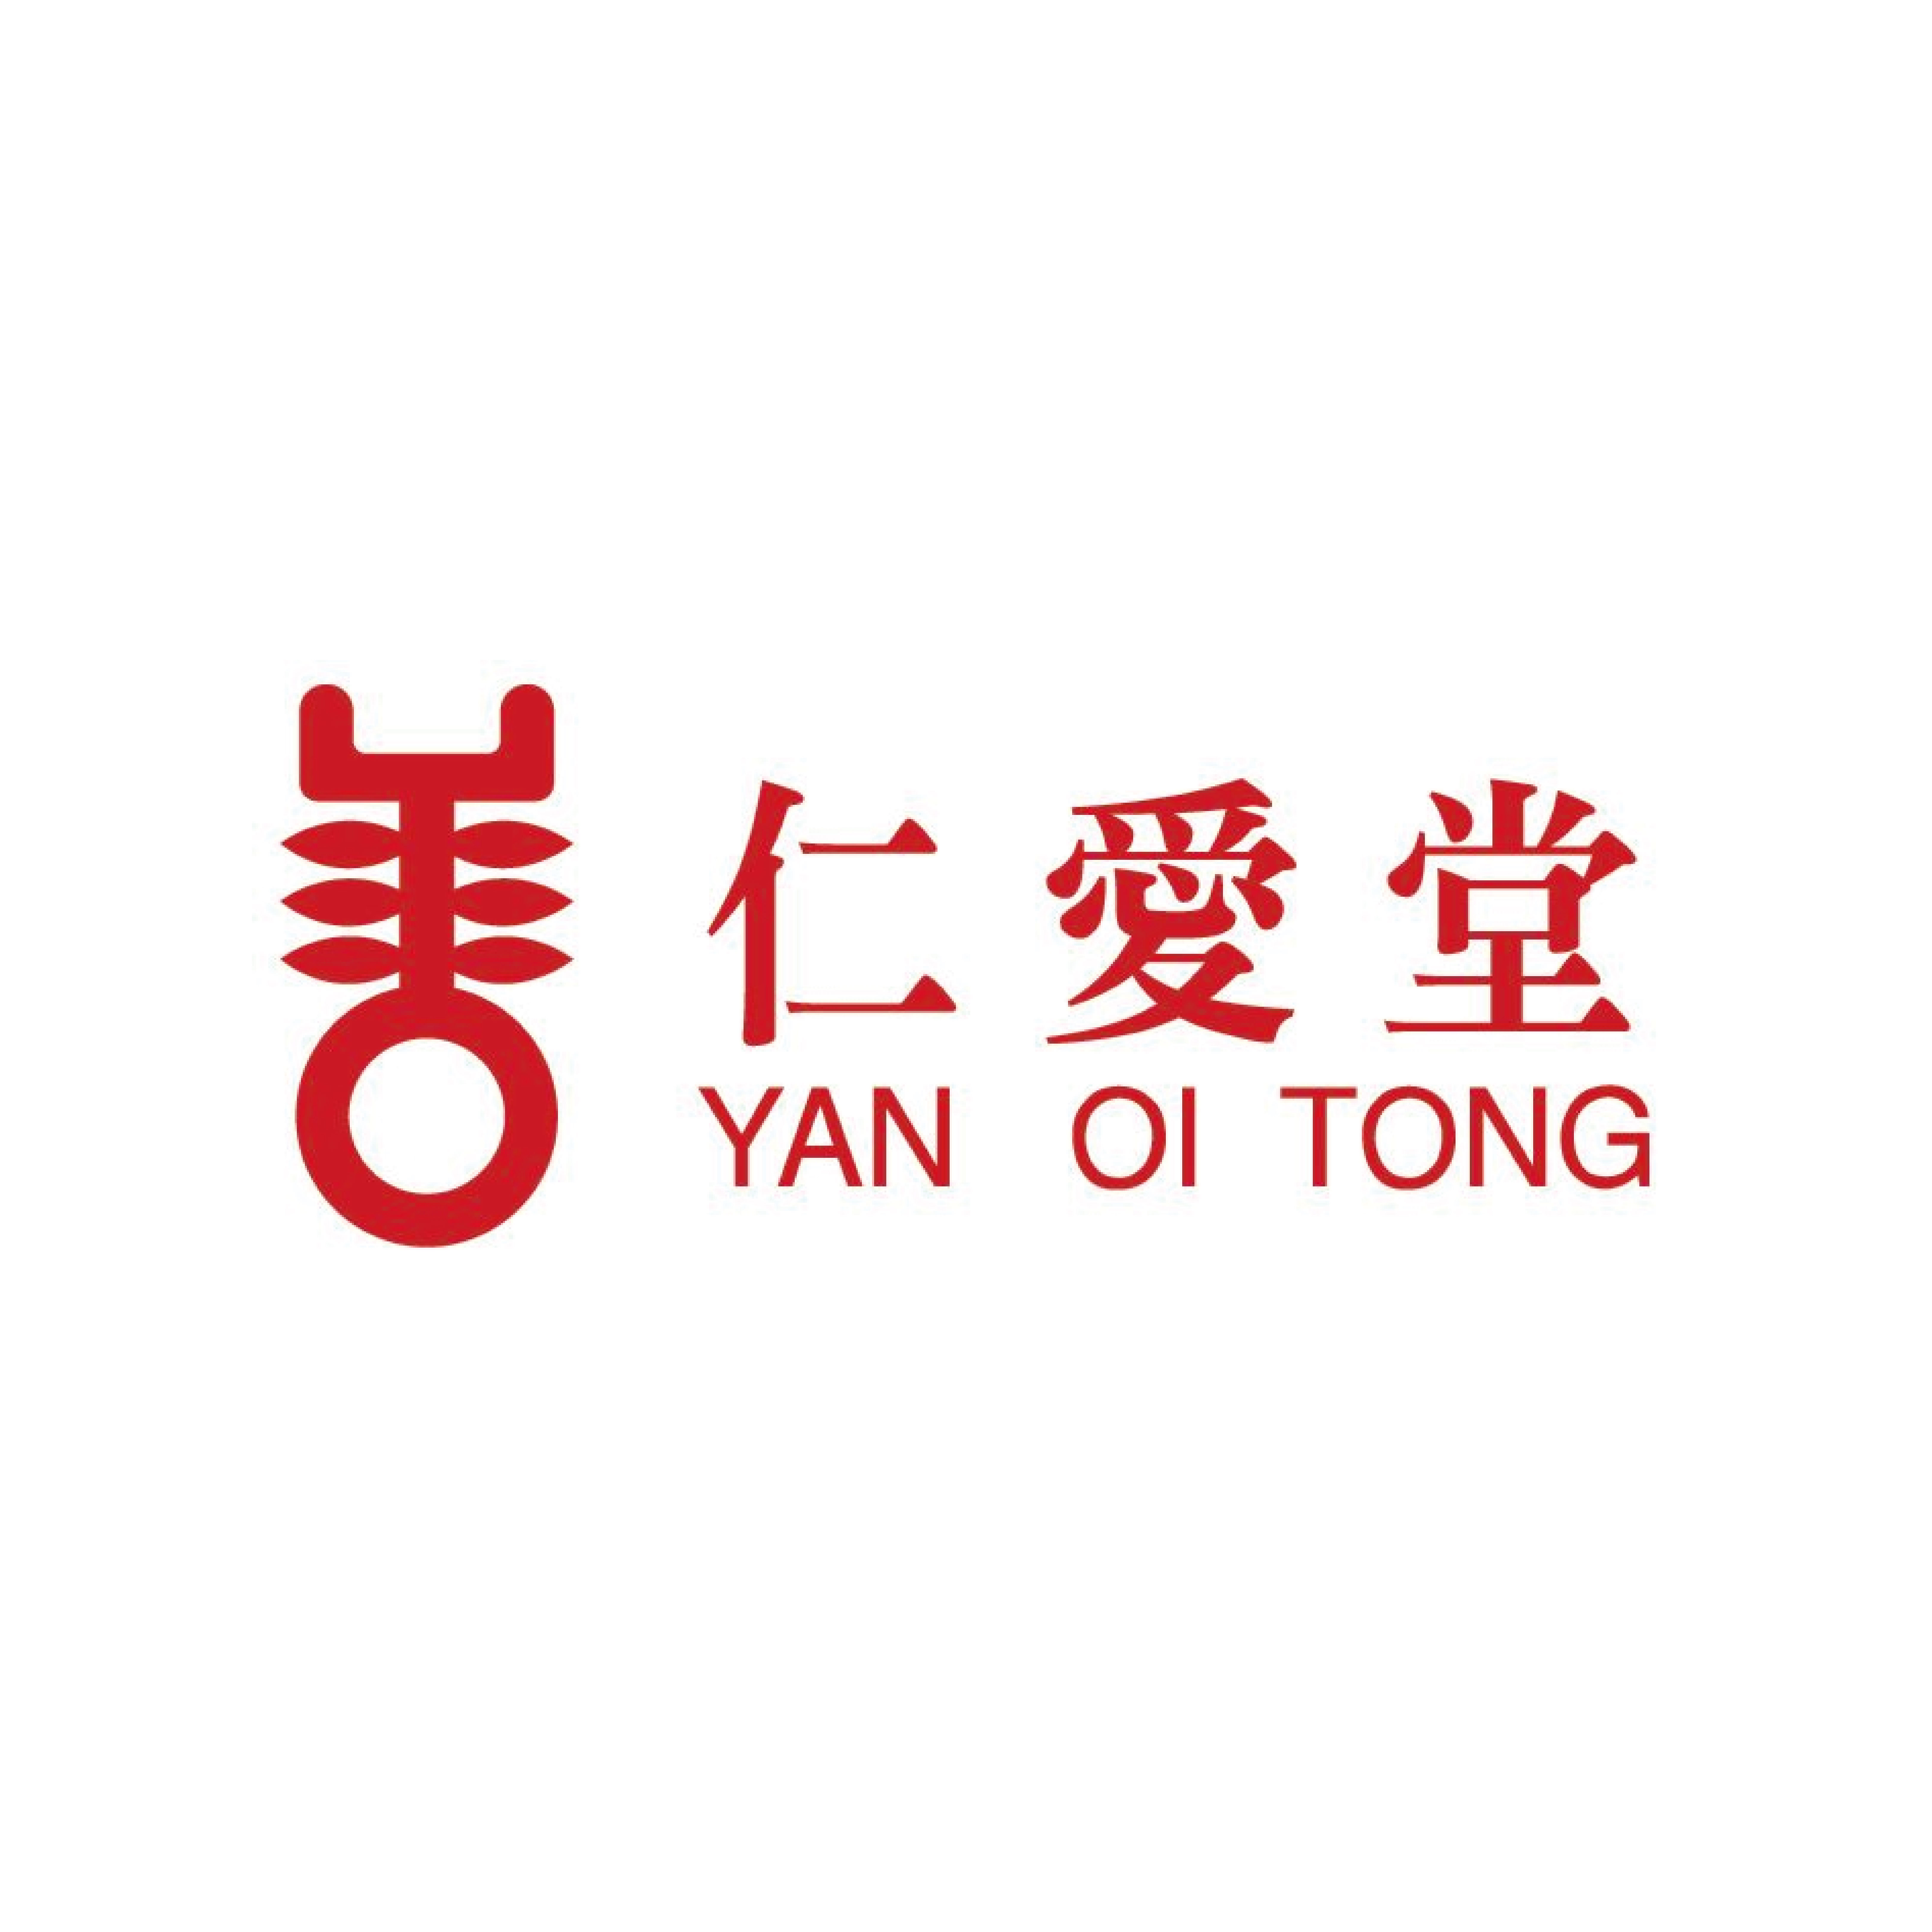 yan oi tong-01